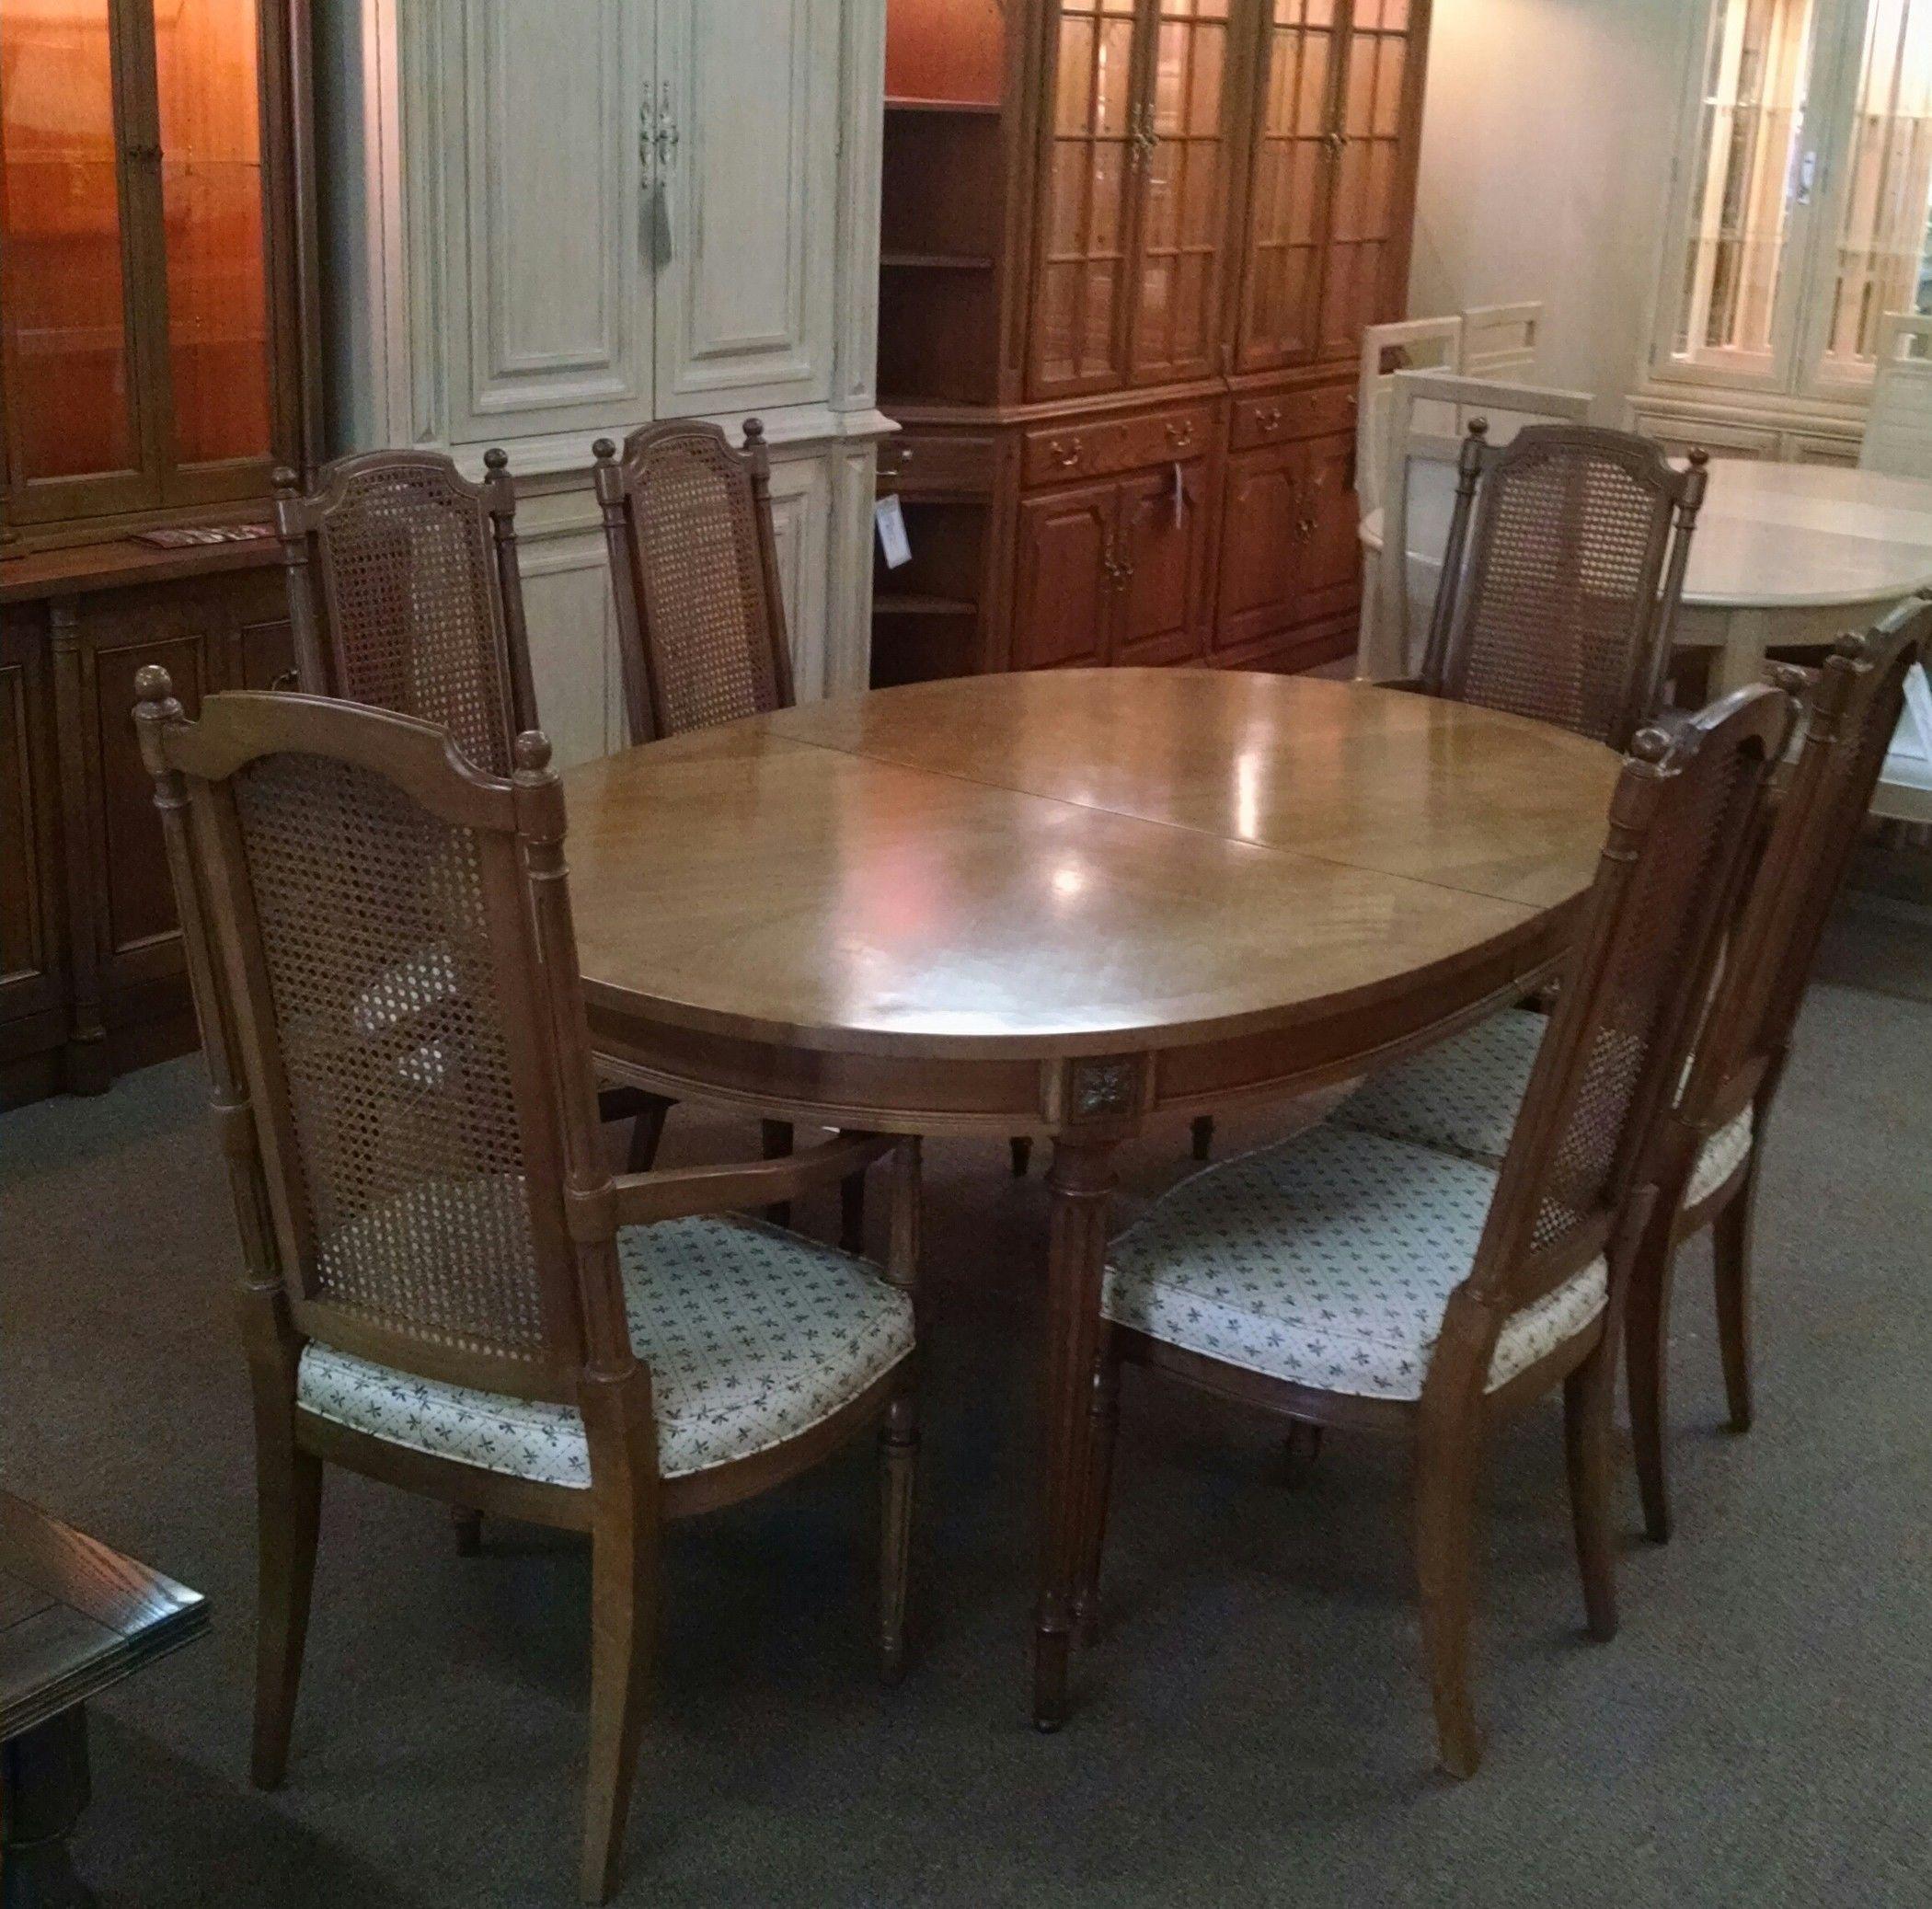 THOMASVILLE DINING SET Delmarva Furniture Consignment